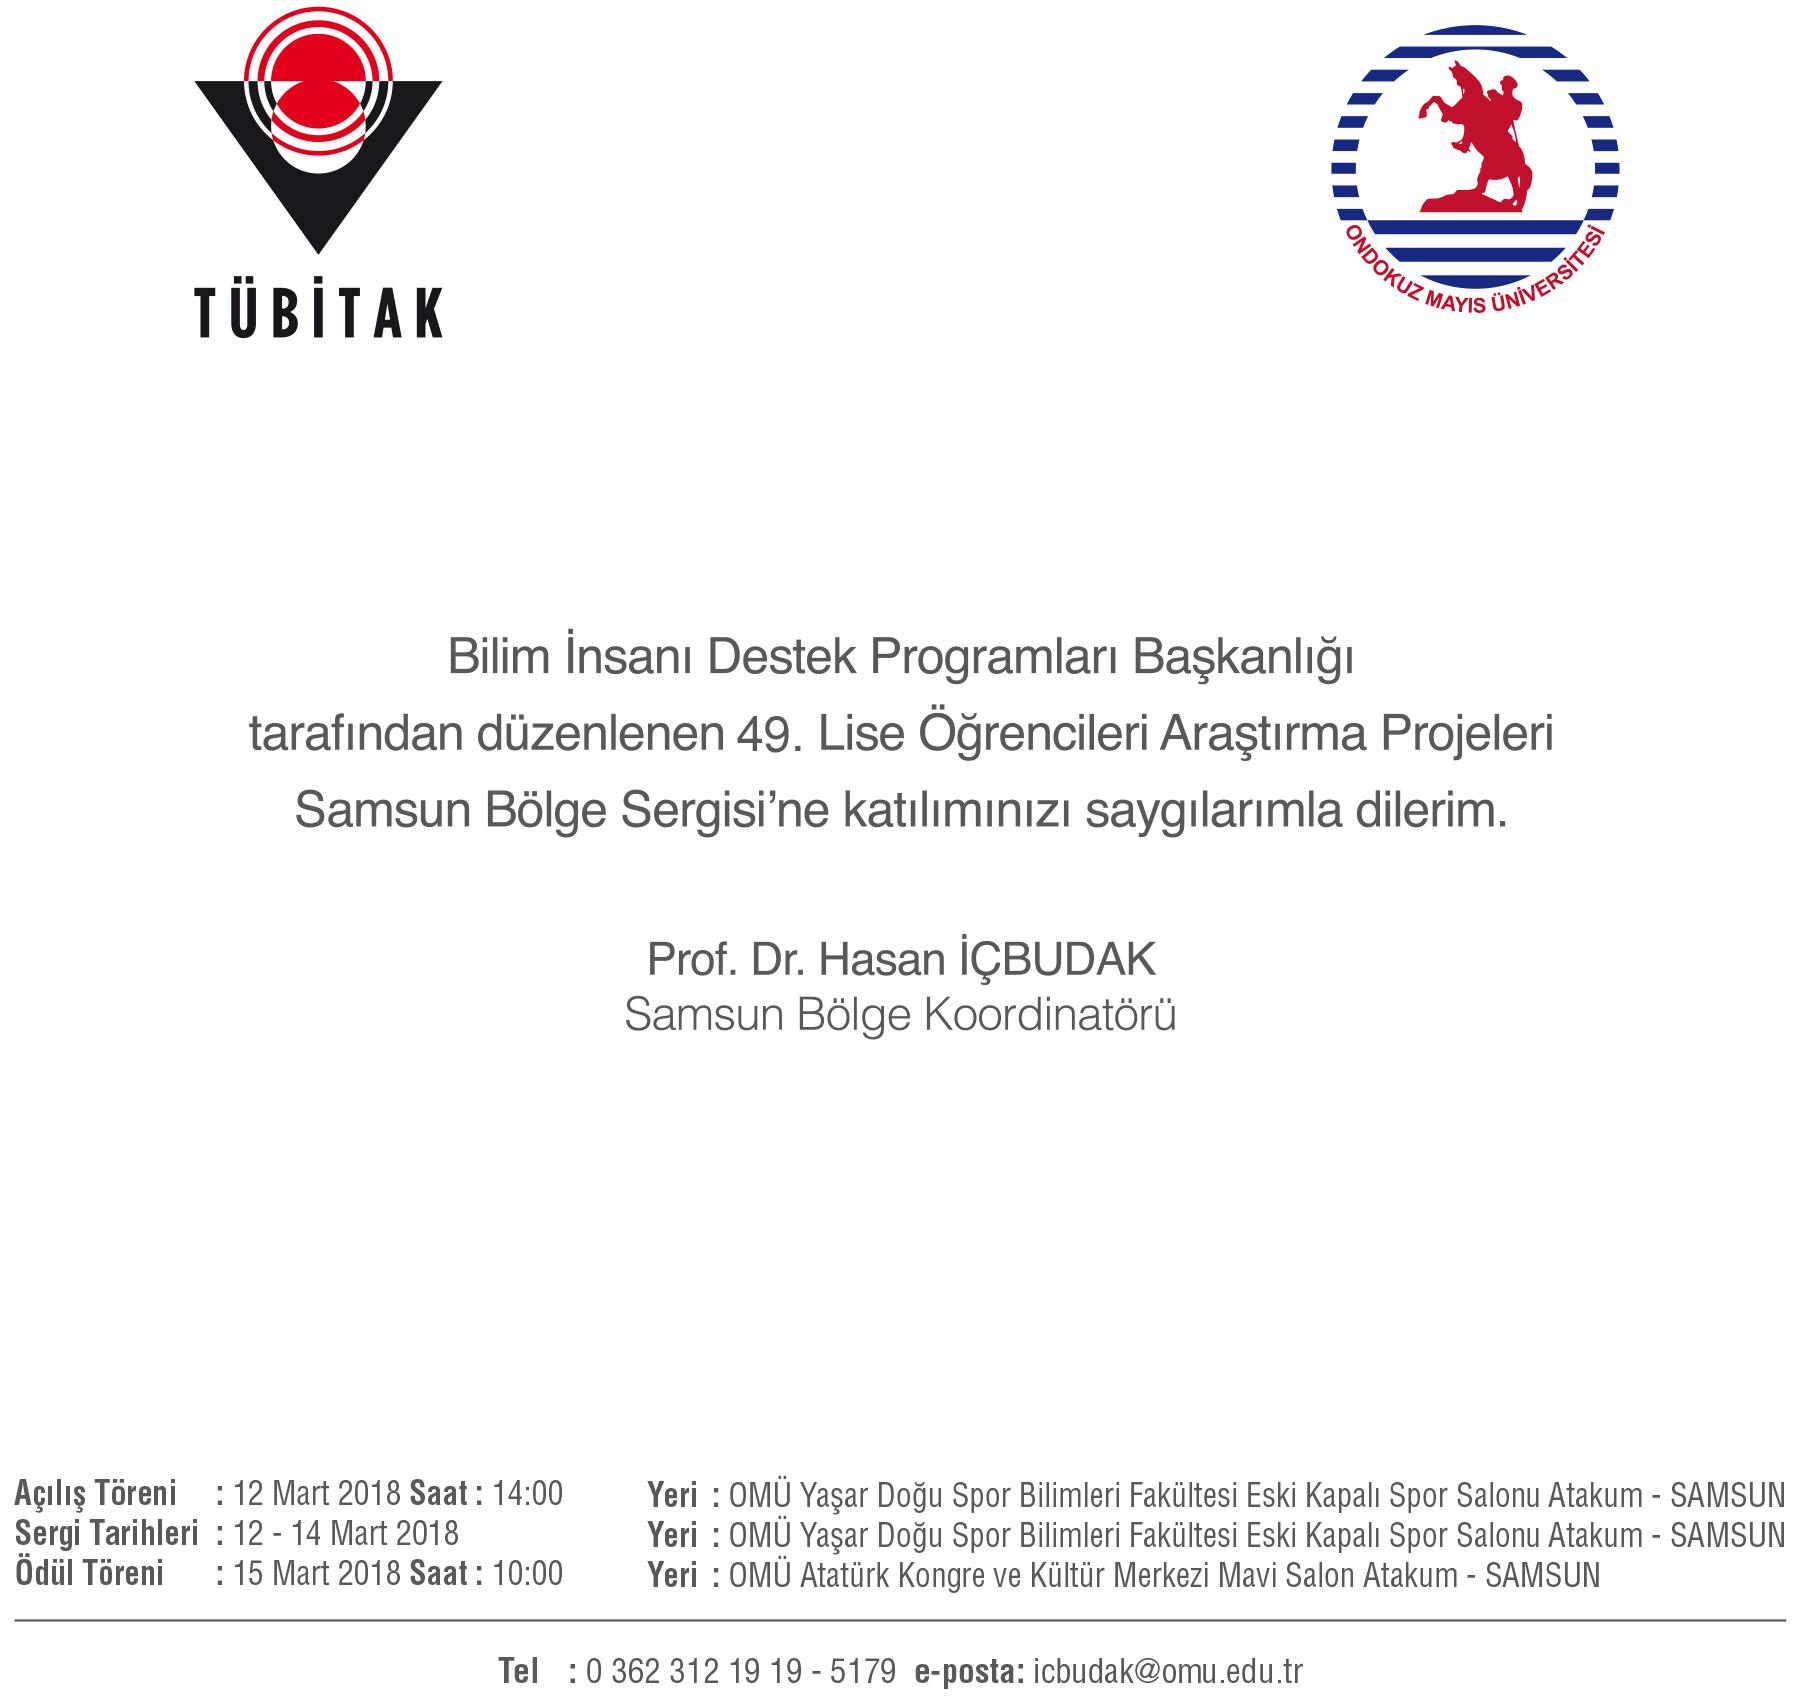 https://www.omu.edu.tr/sites/default/files/samsun_bolge_sergisi_davetiye-2.jpg